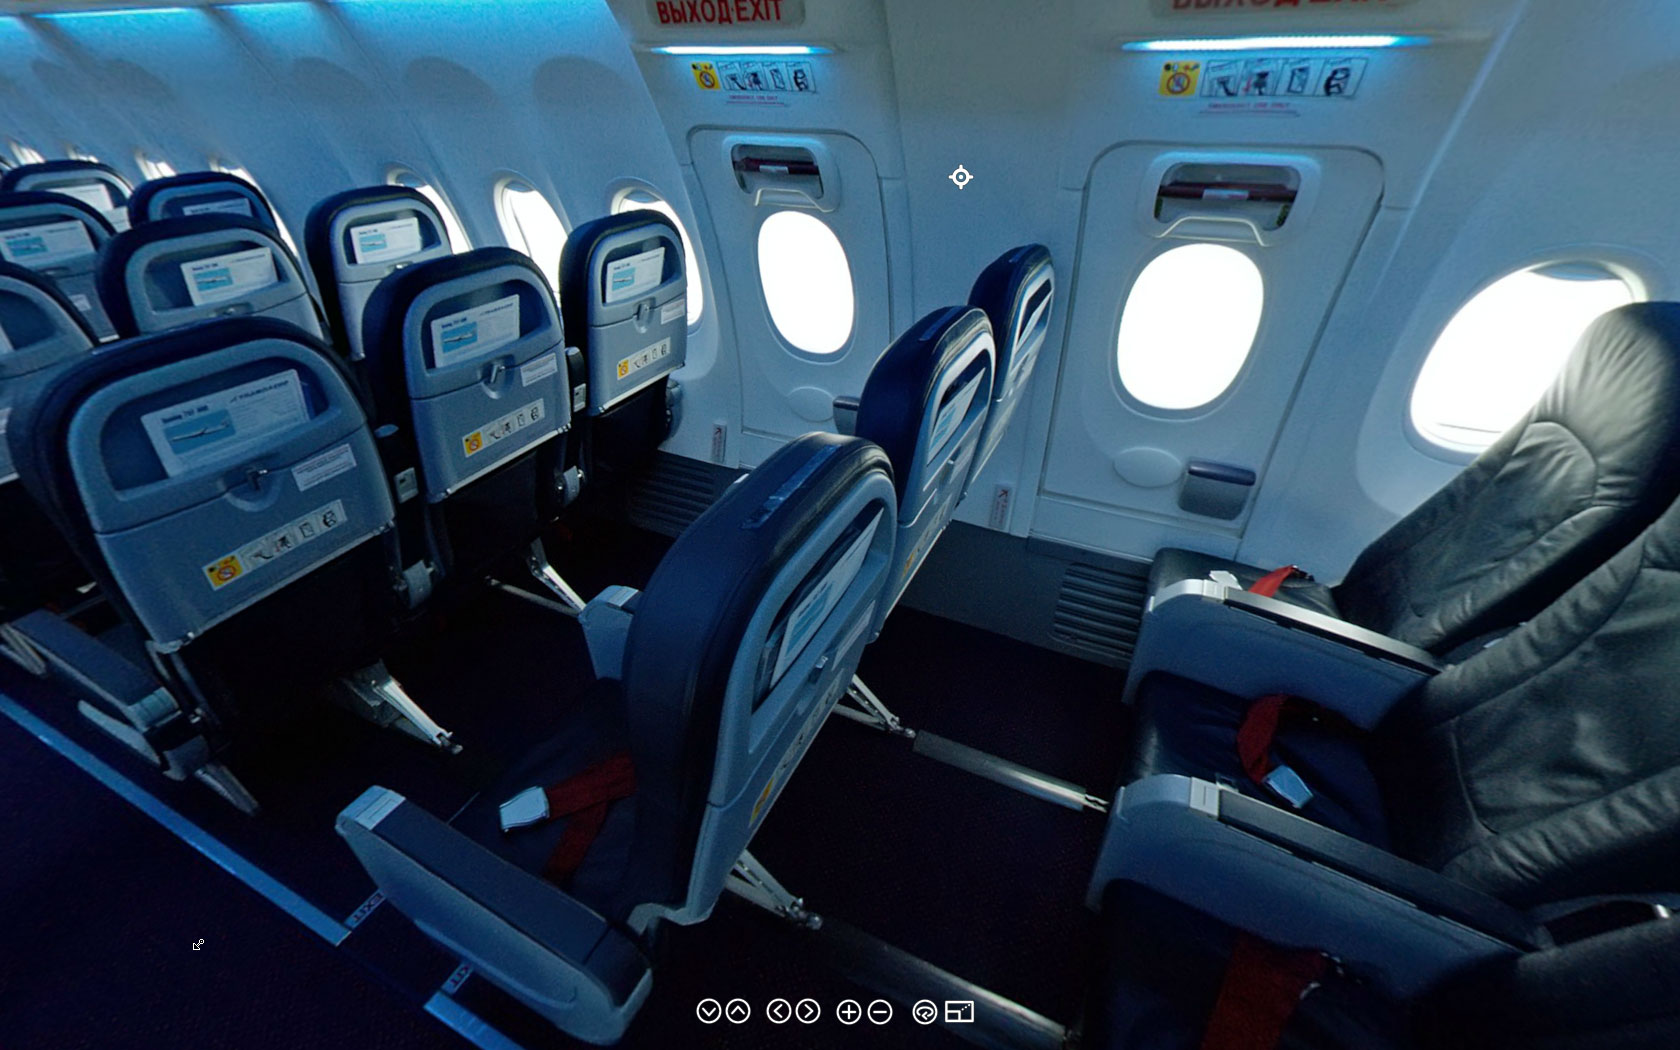 боинг-737-800 фото салона аэрофлот